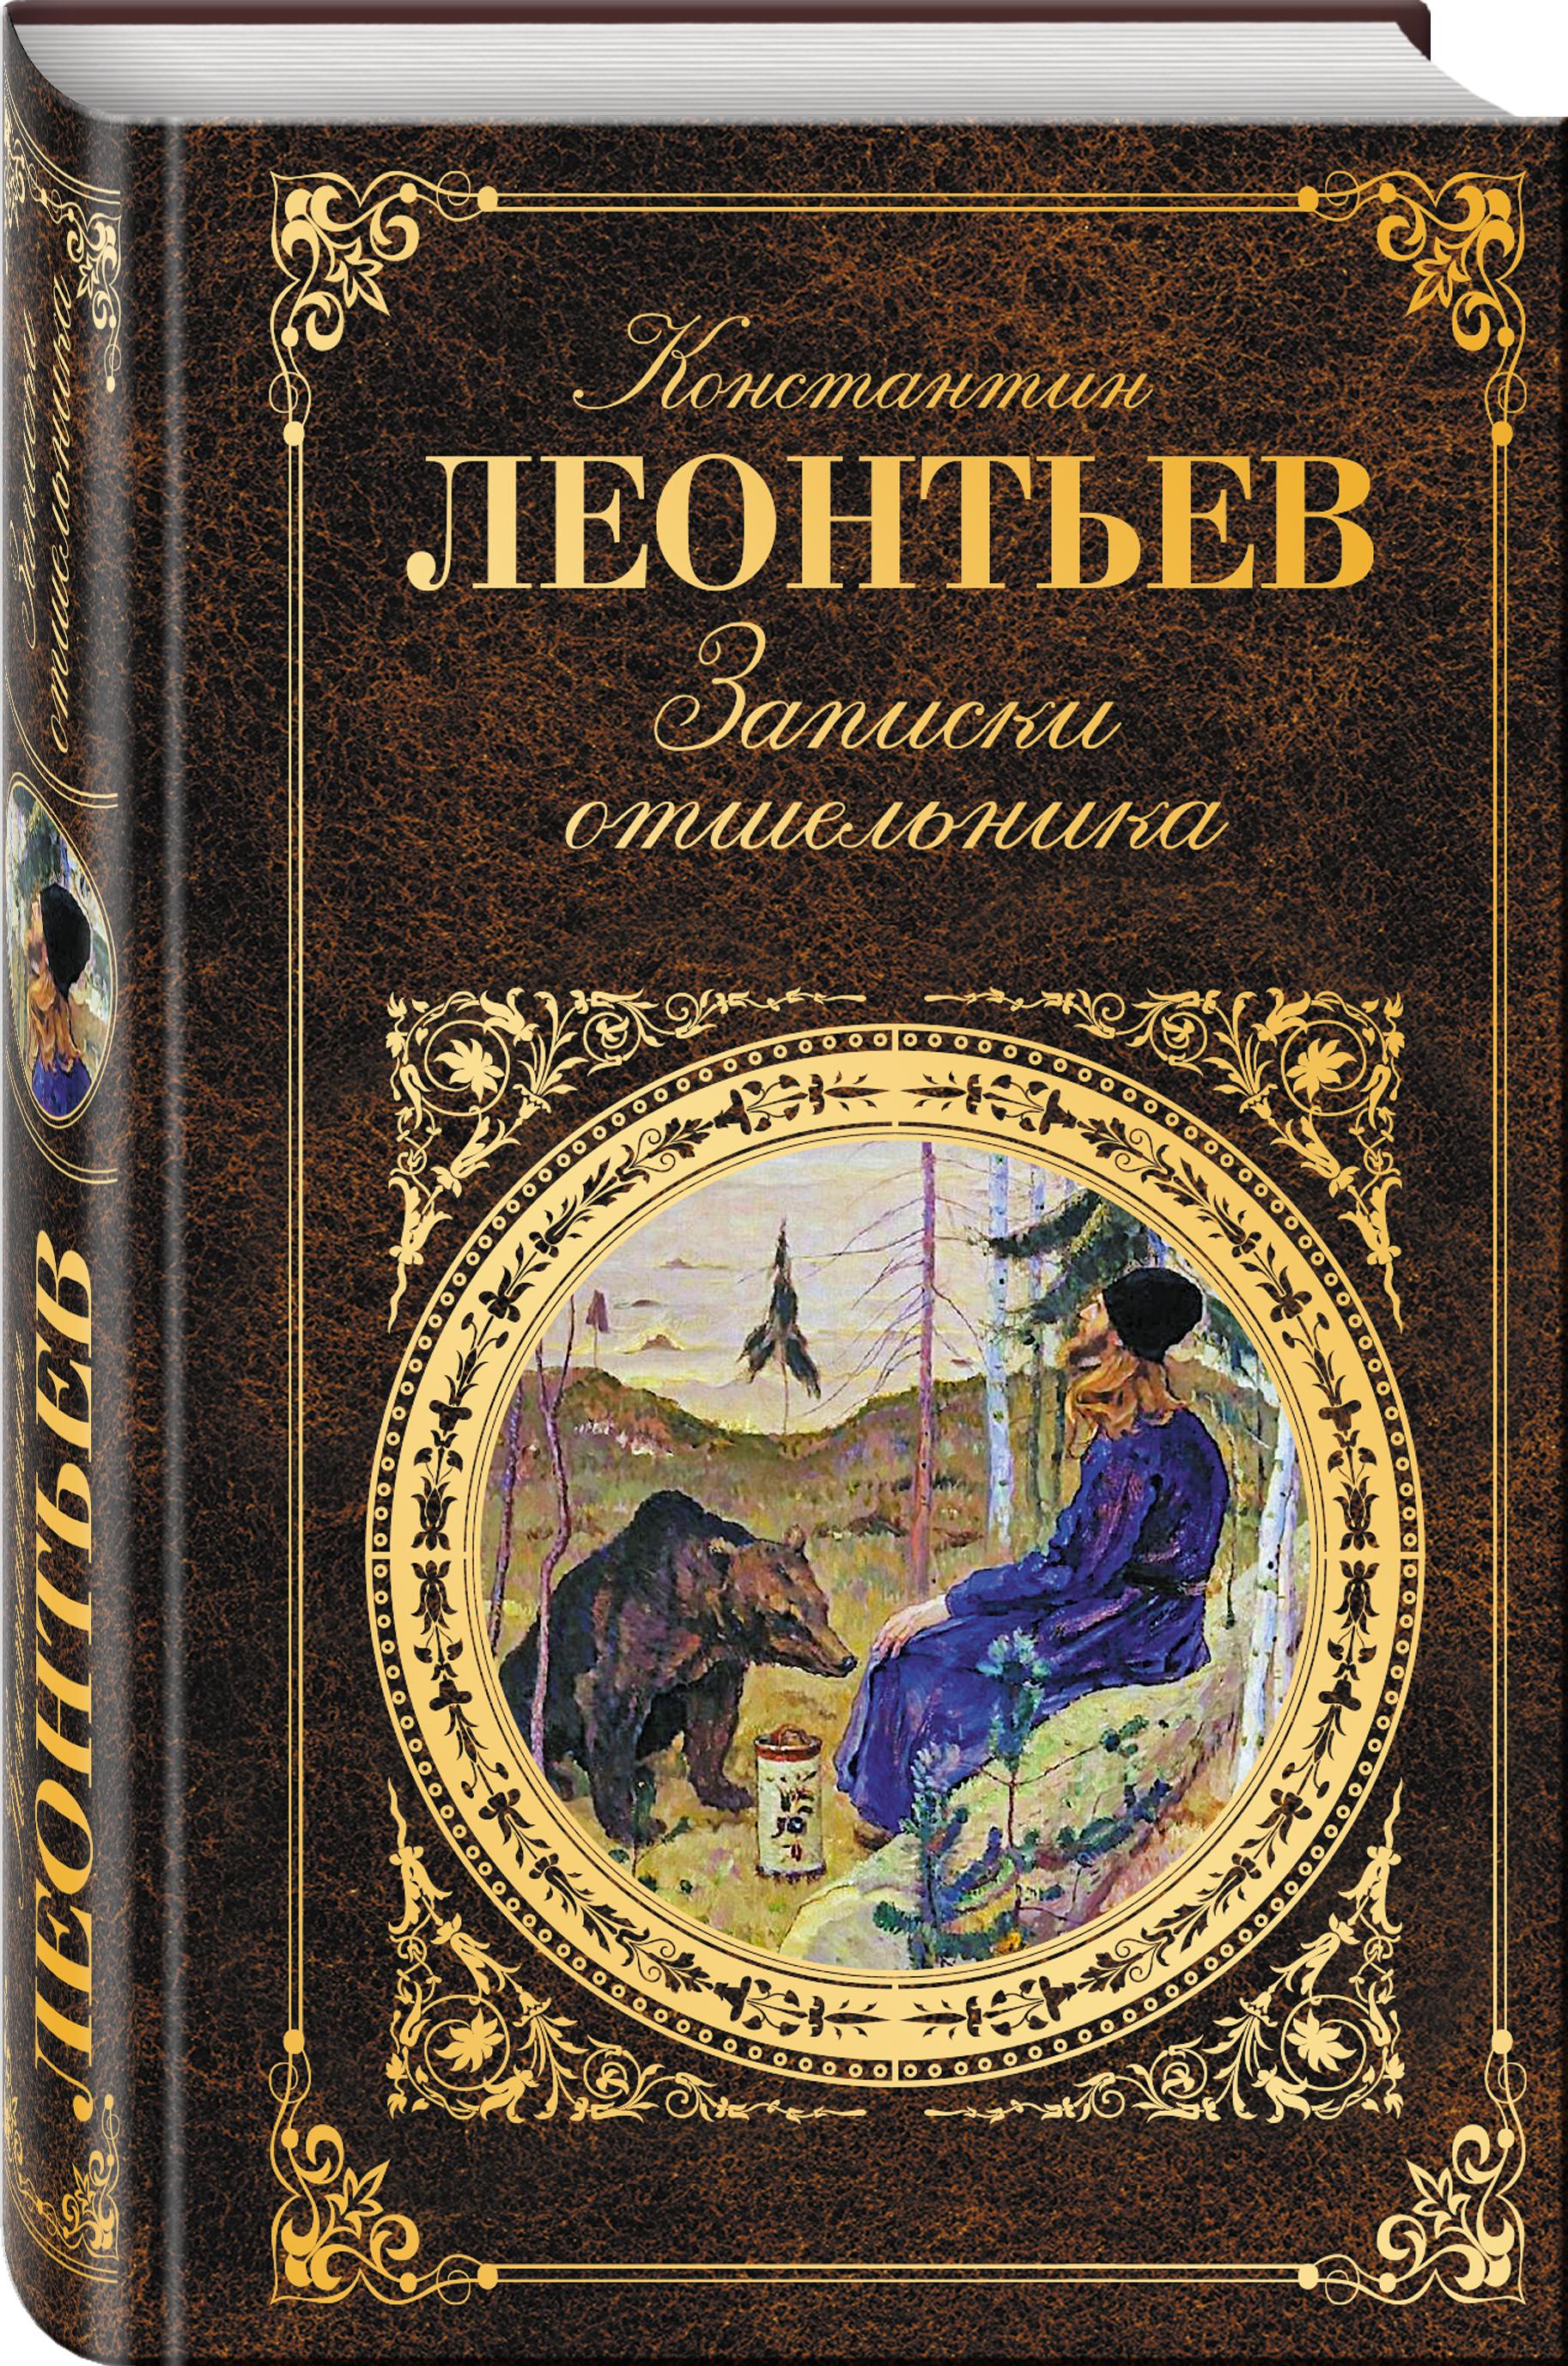 Константин Леонтьев Записки отшельника цены